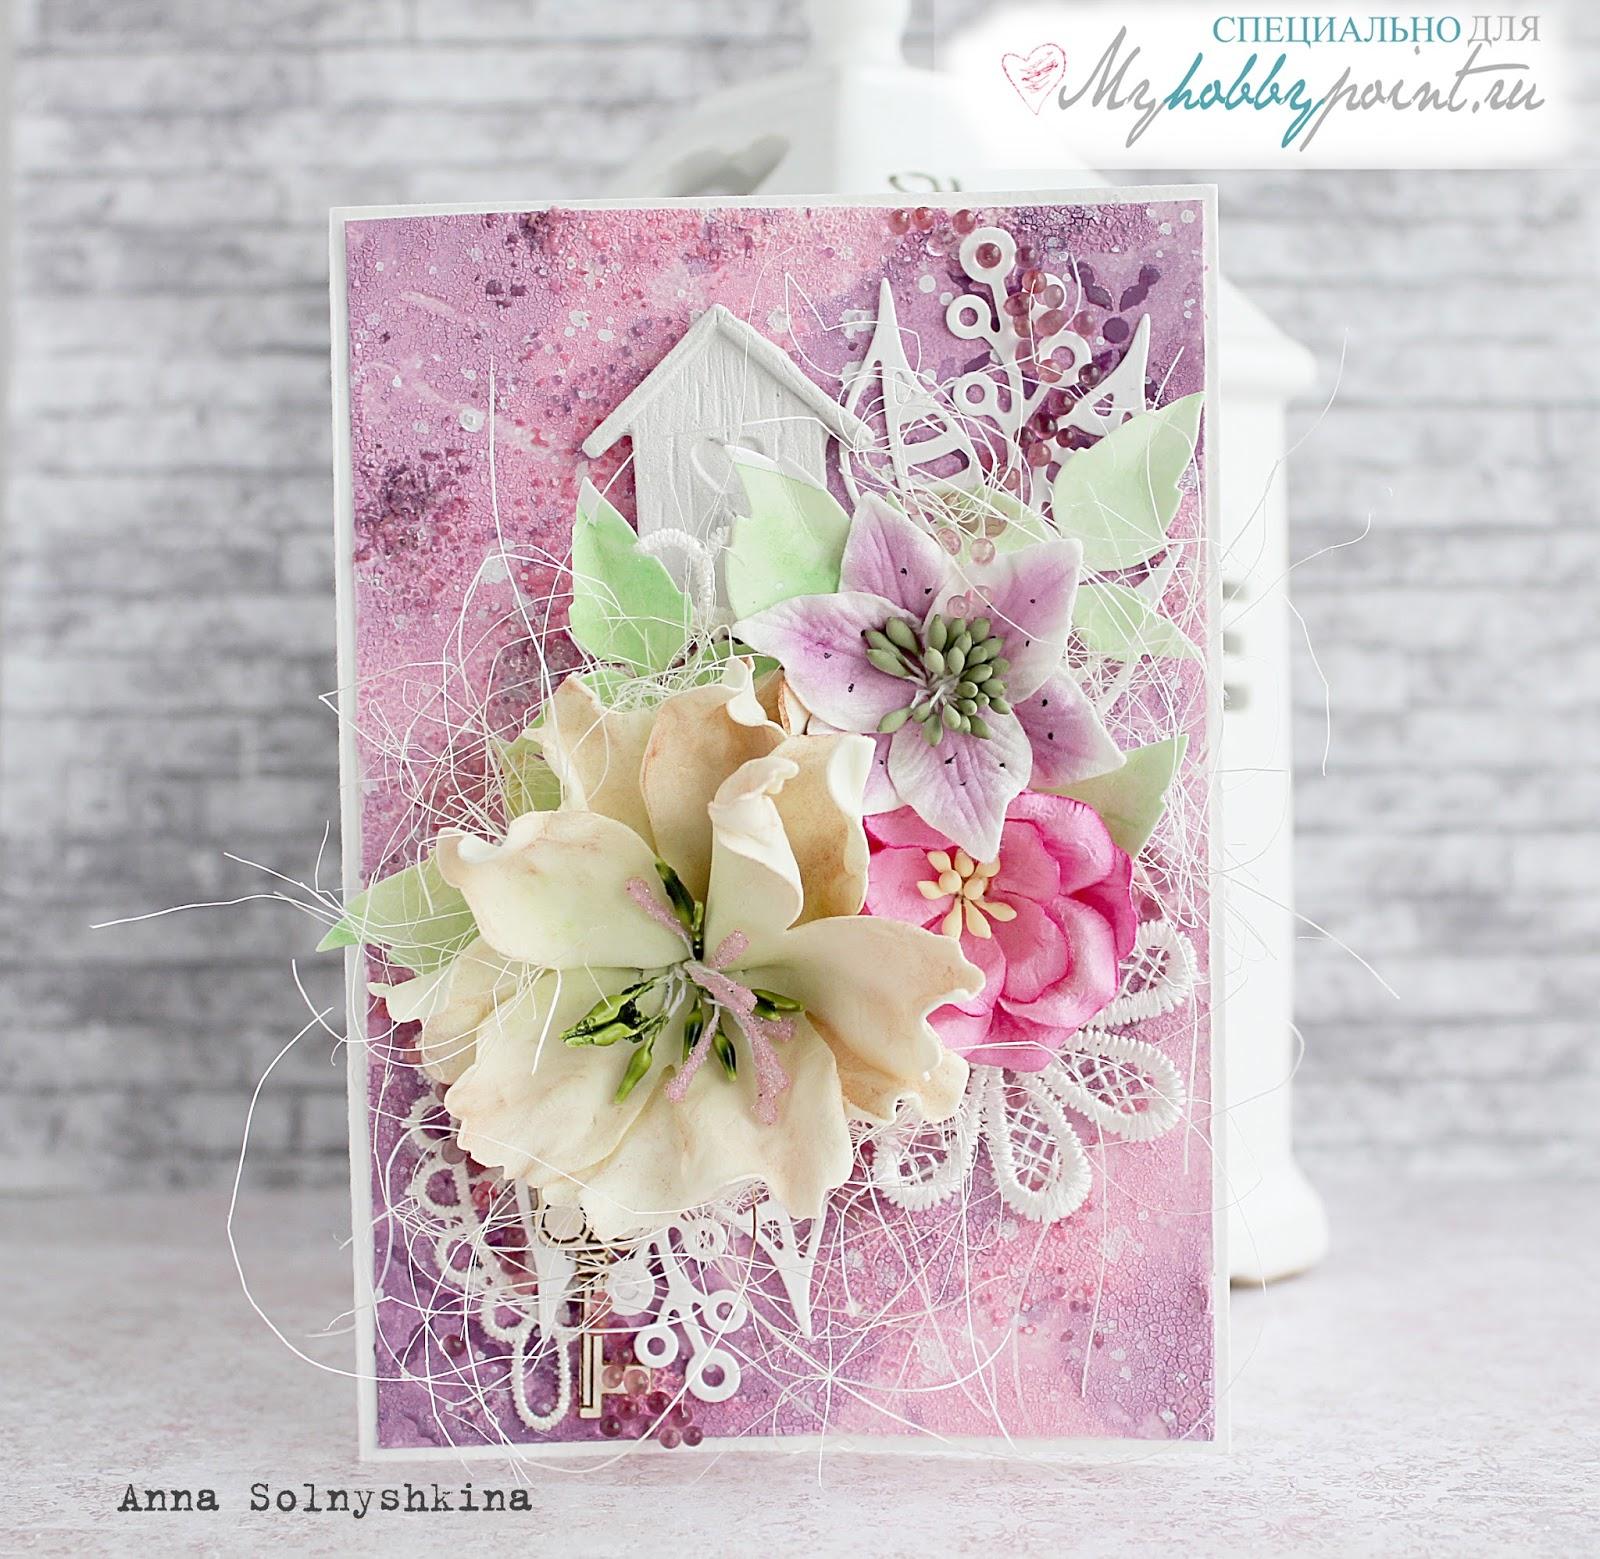 Открытка из фоамирана своими руками, открытки днем рождения